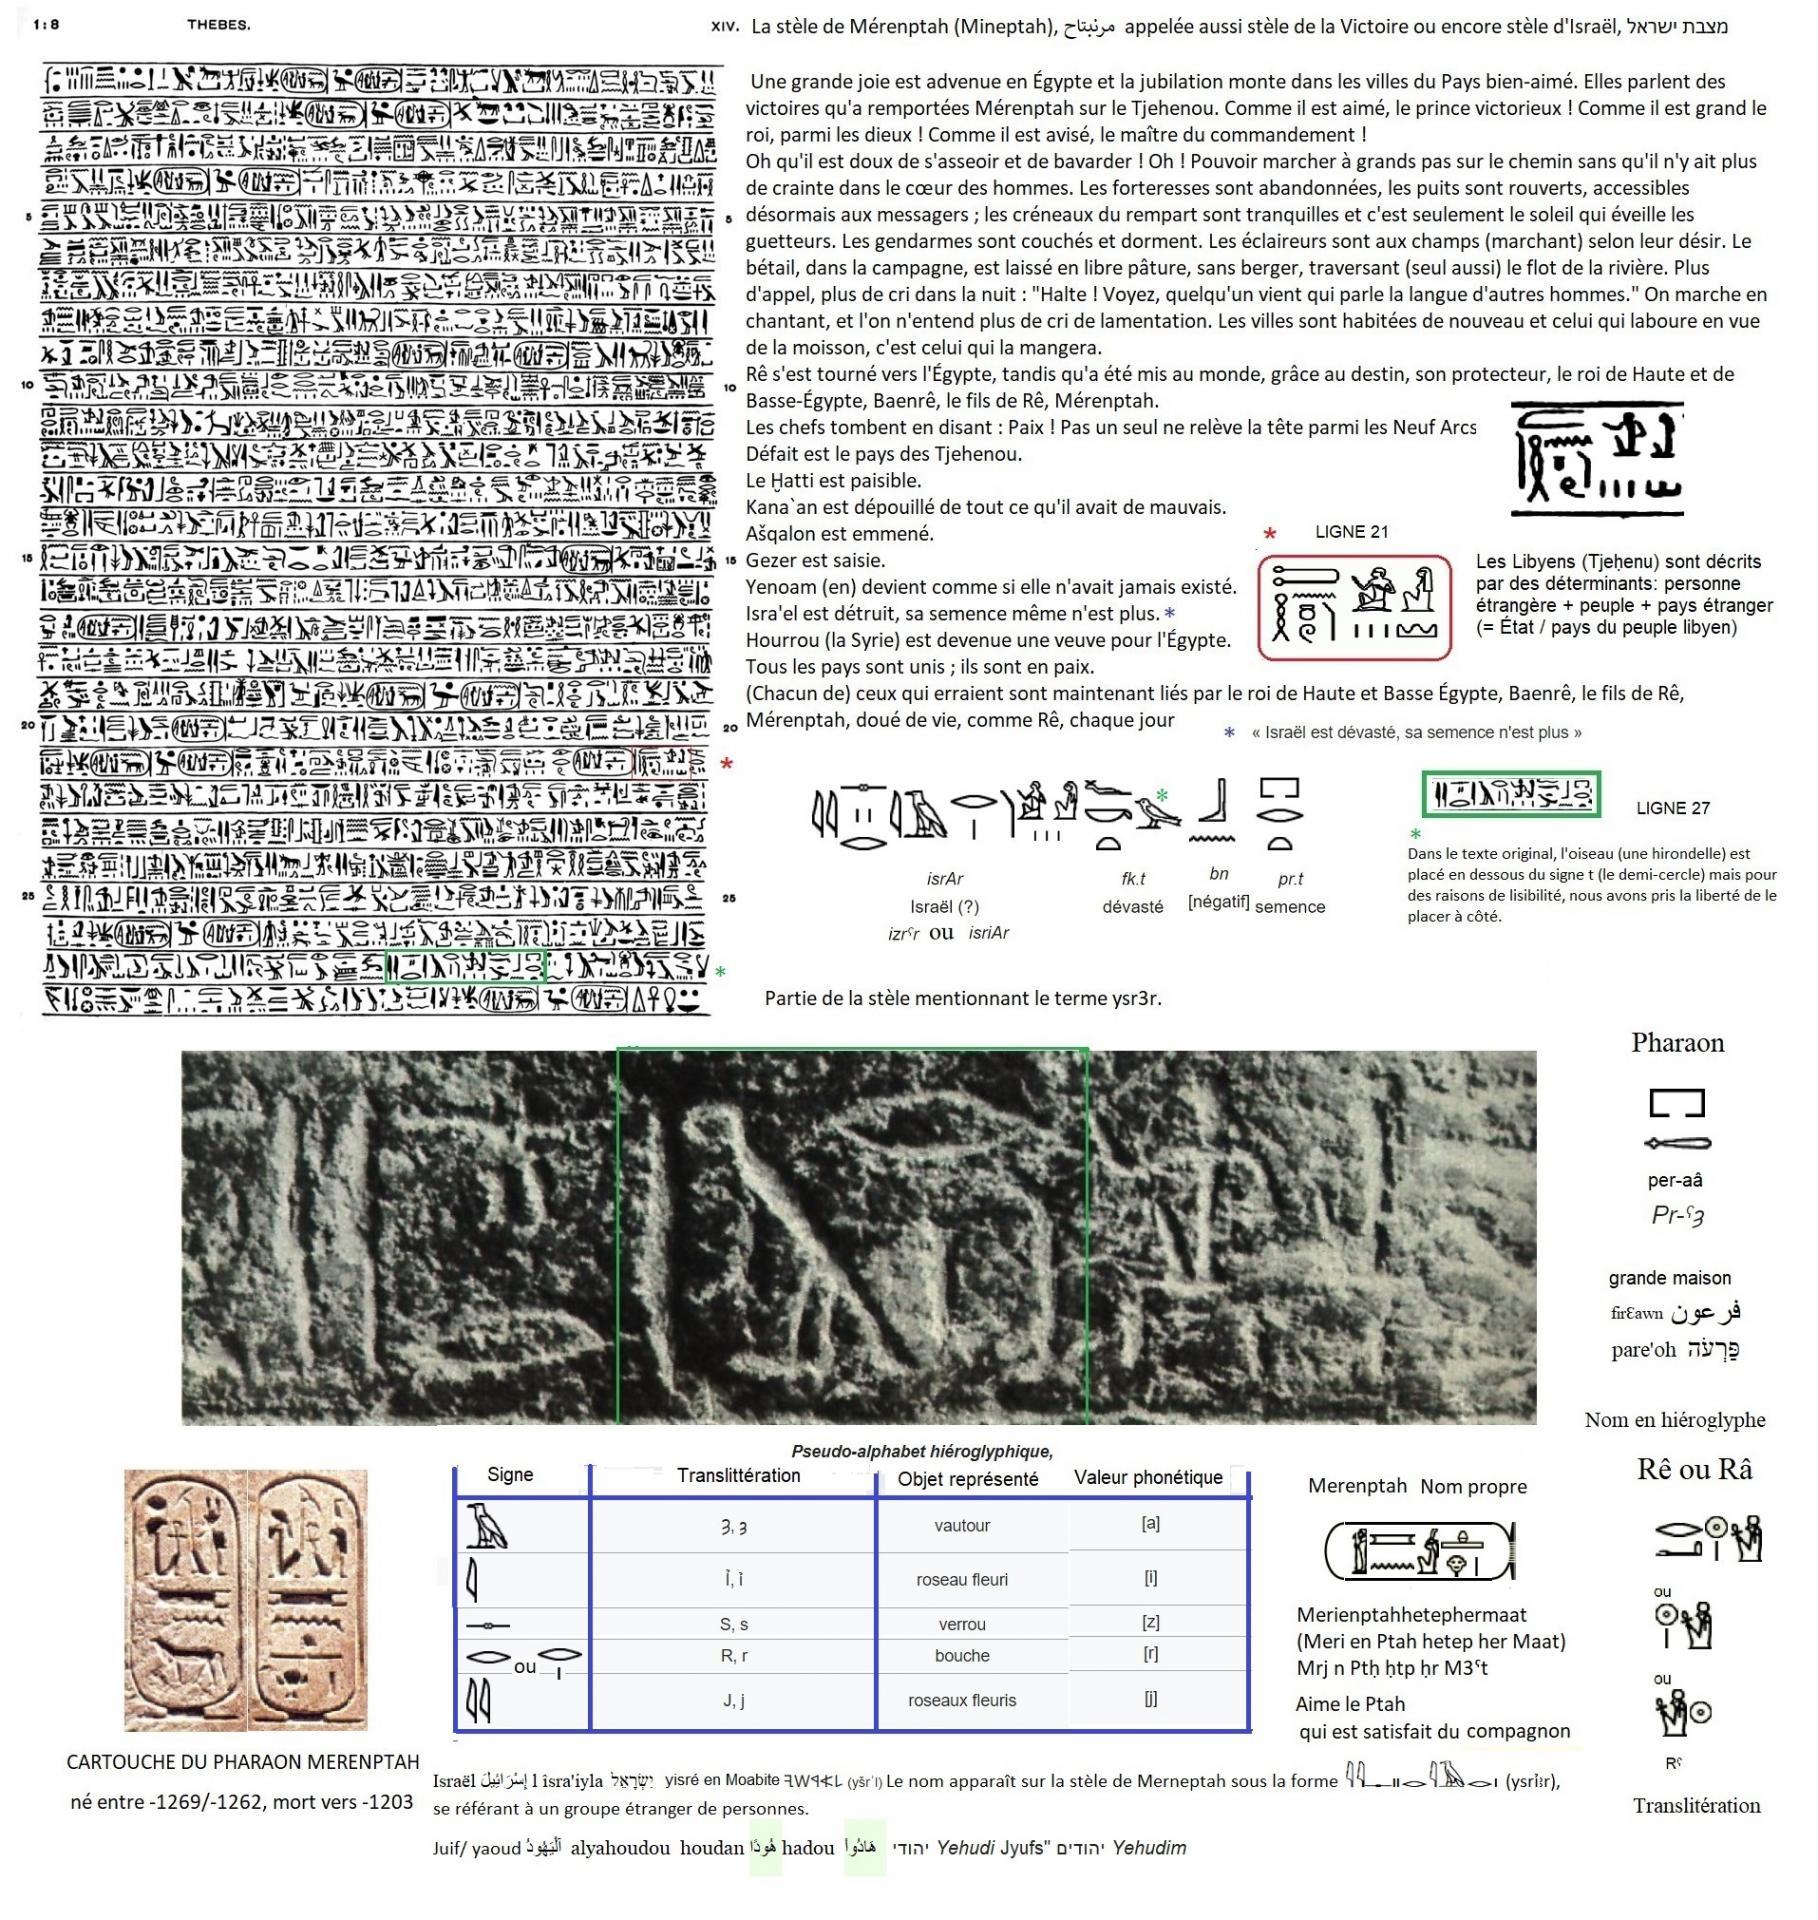 La stele de merenptah peuple d israil detruit 1